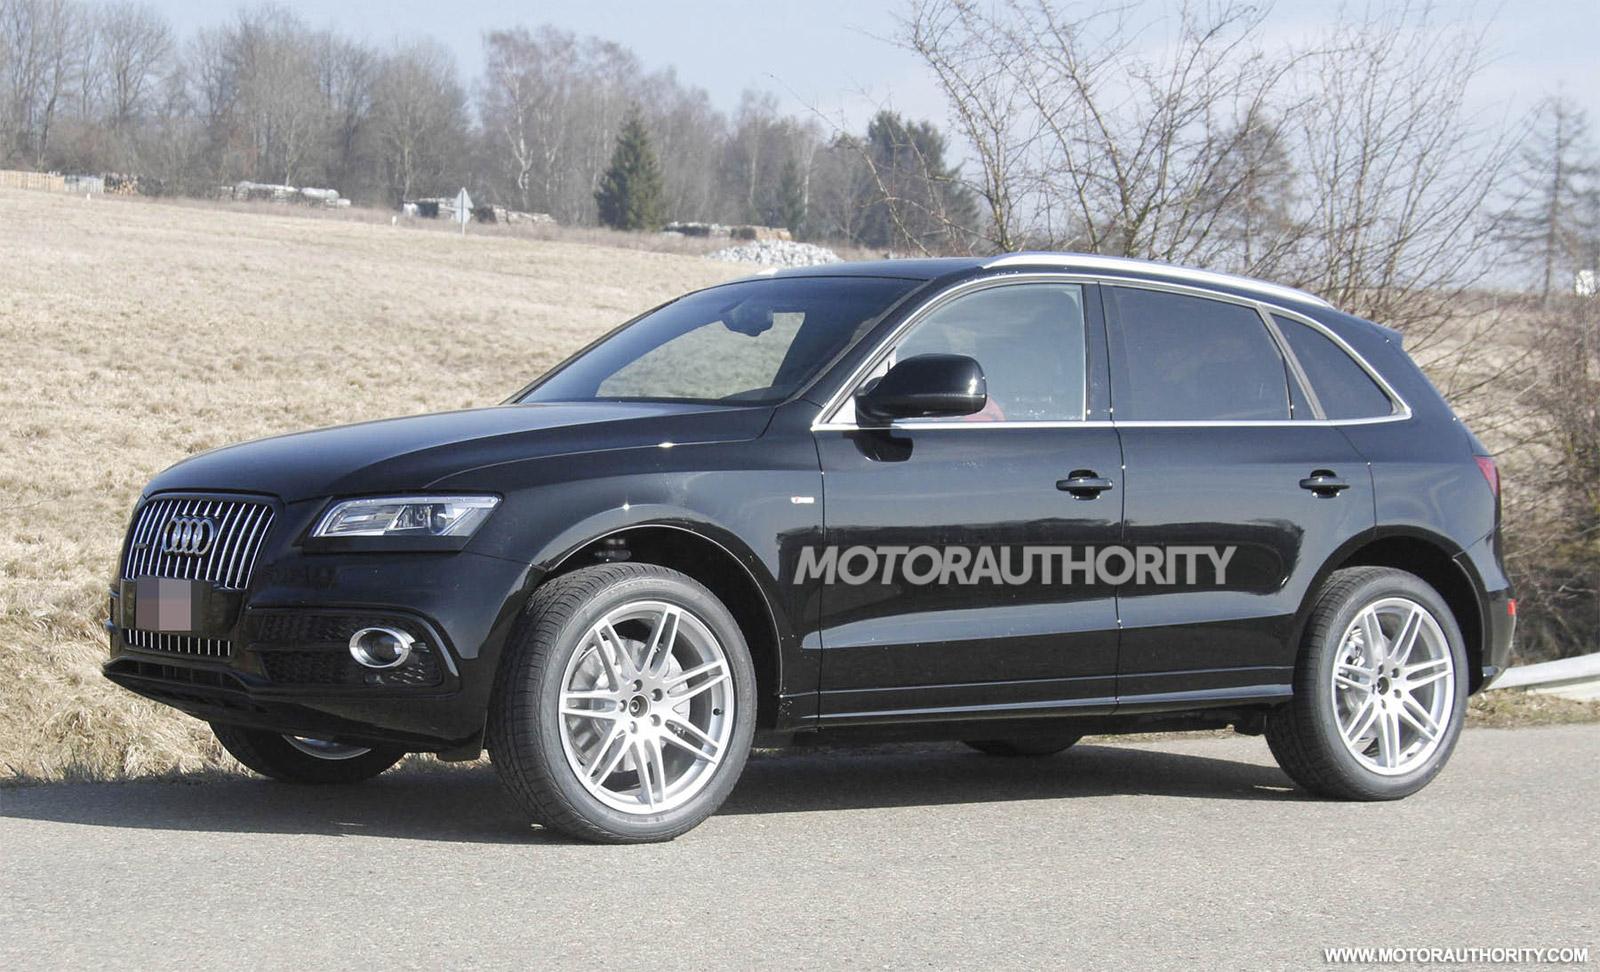 2013 Audi Q5 Spy Shots